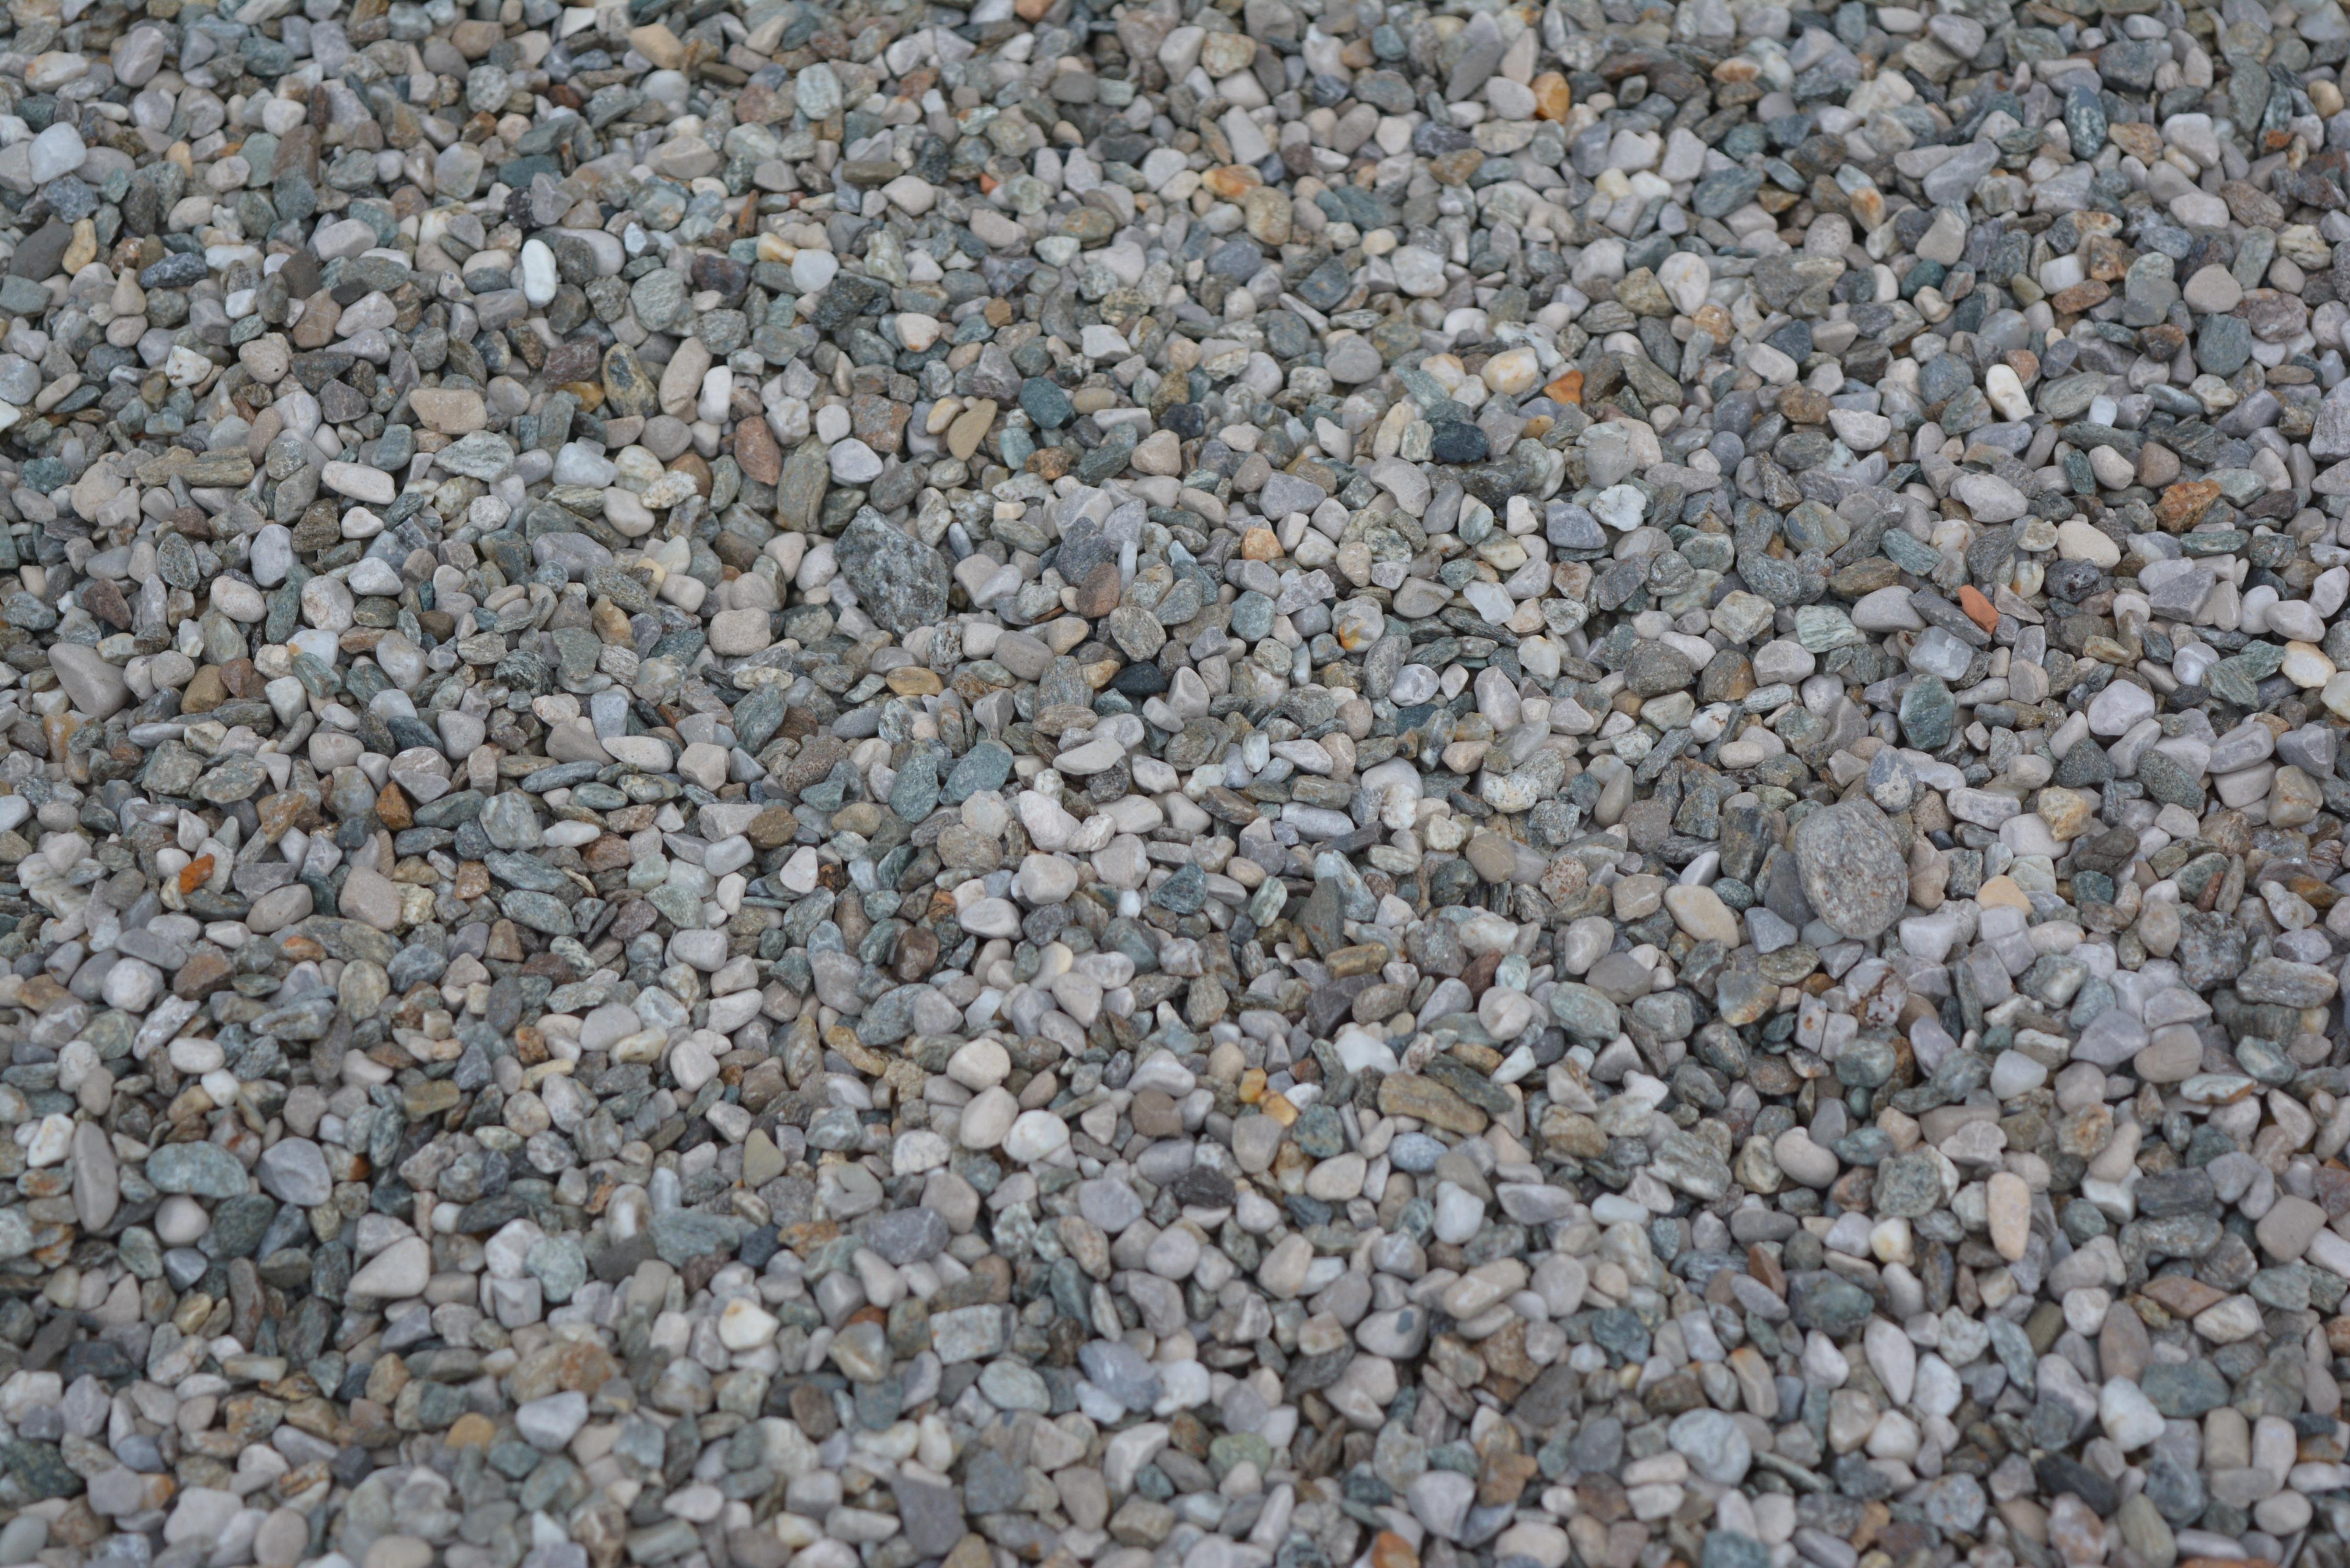 arena rock suelo piedra asfalto guijarro suelo material escombros grava guijarros granito piso de piedra steinchen